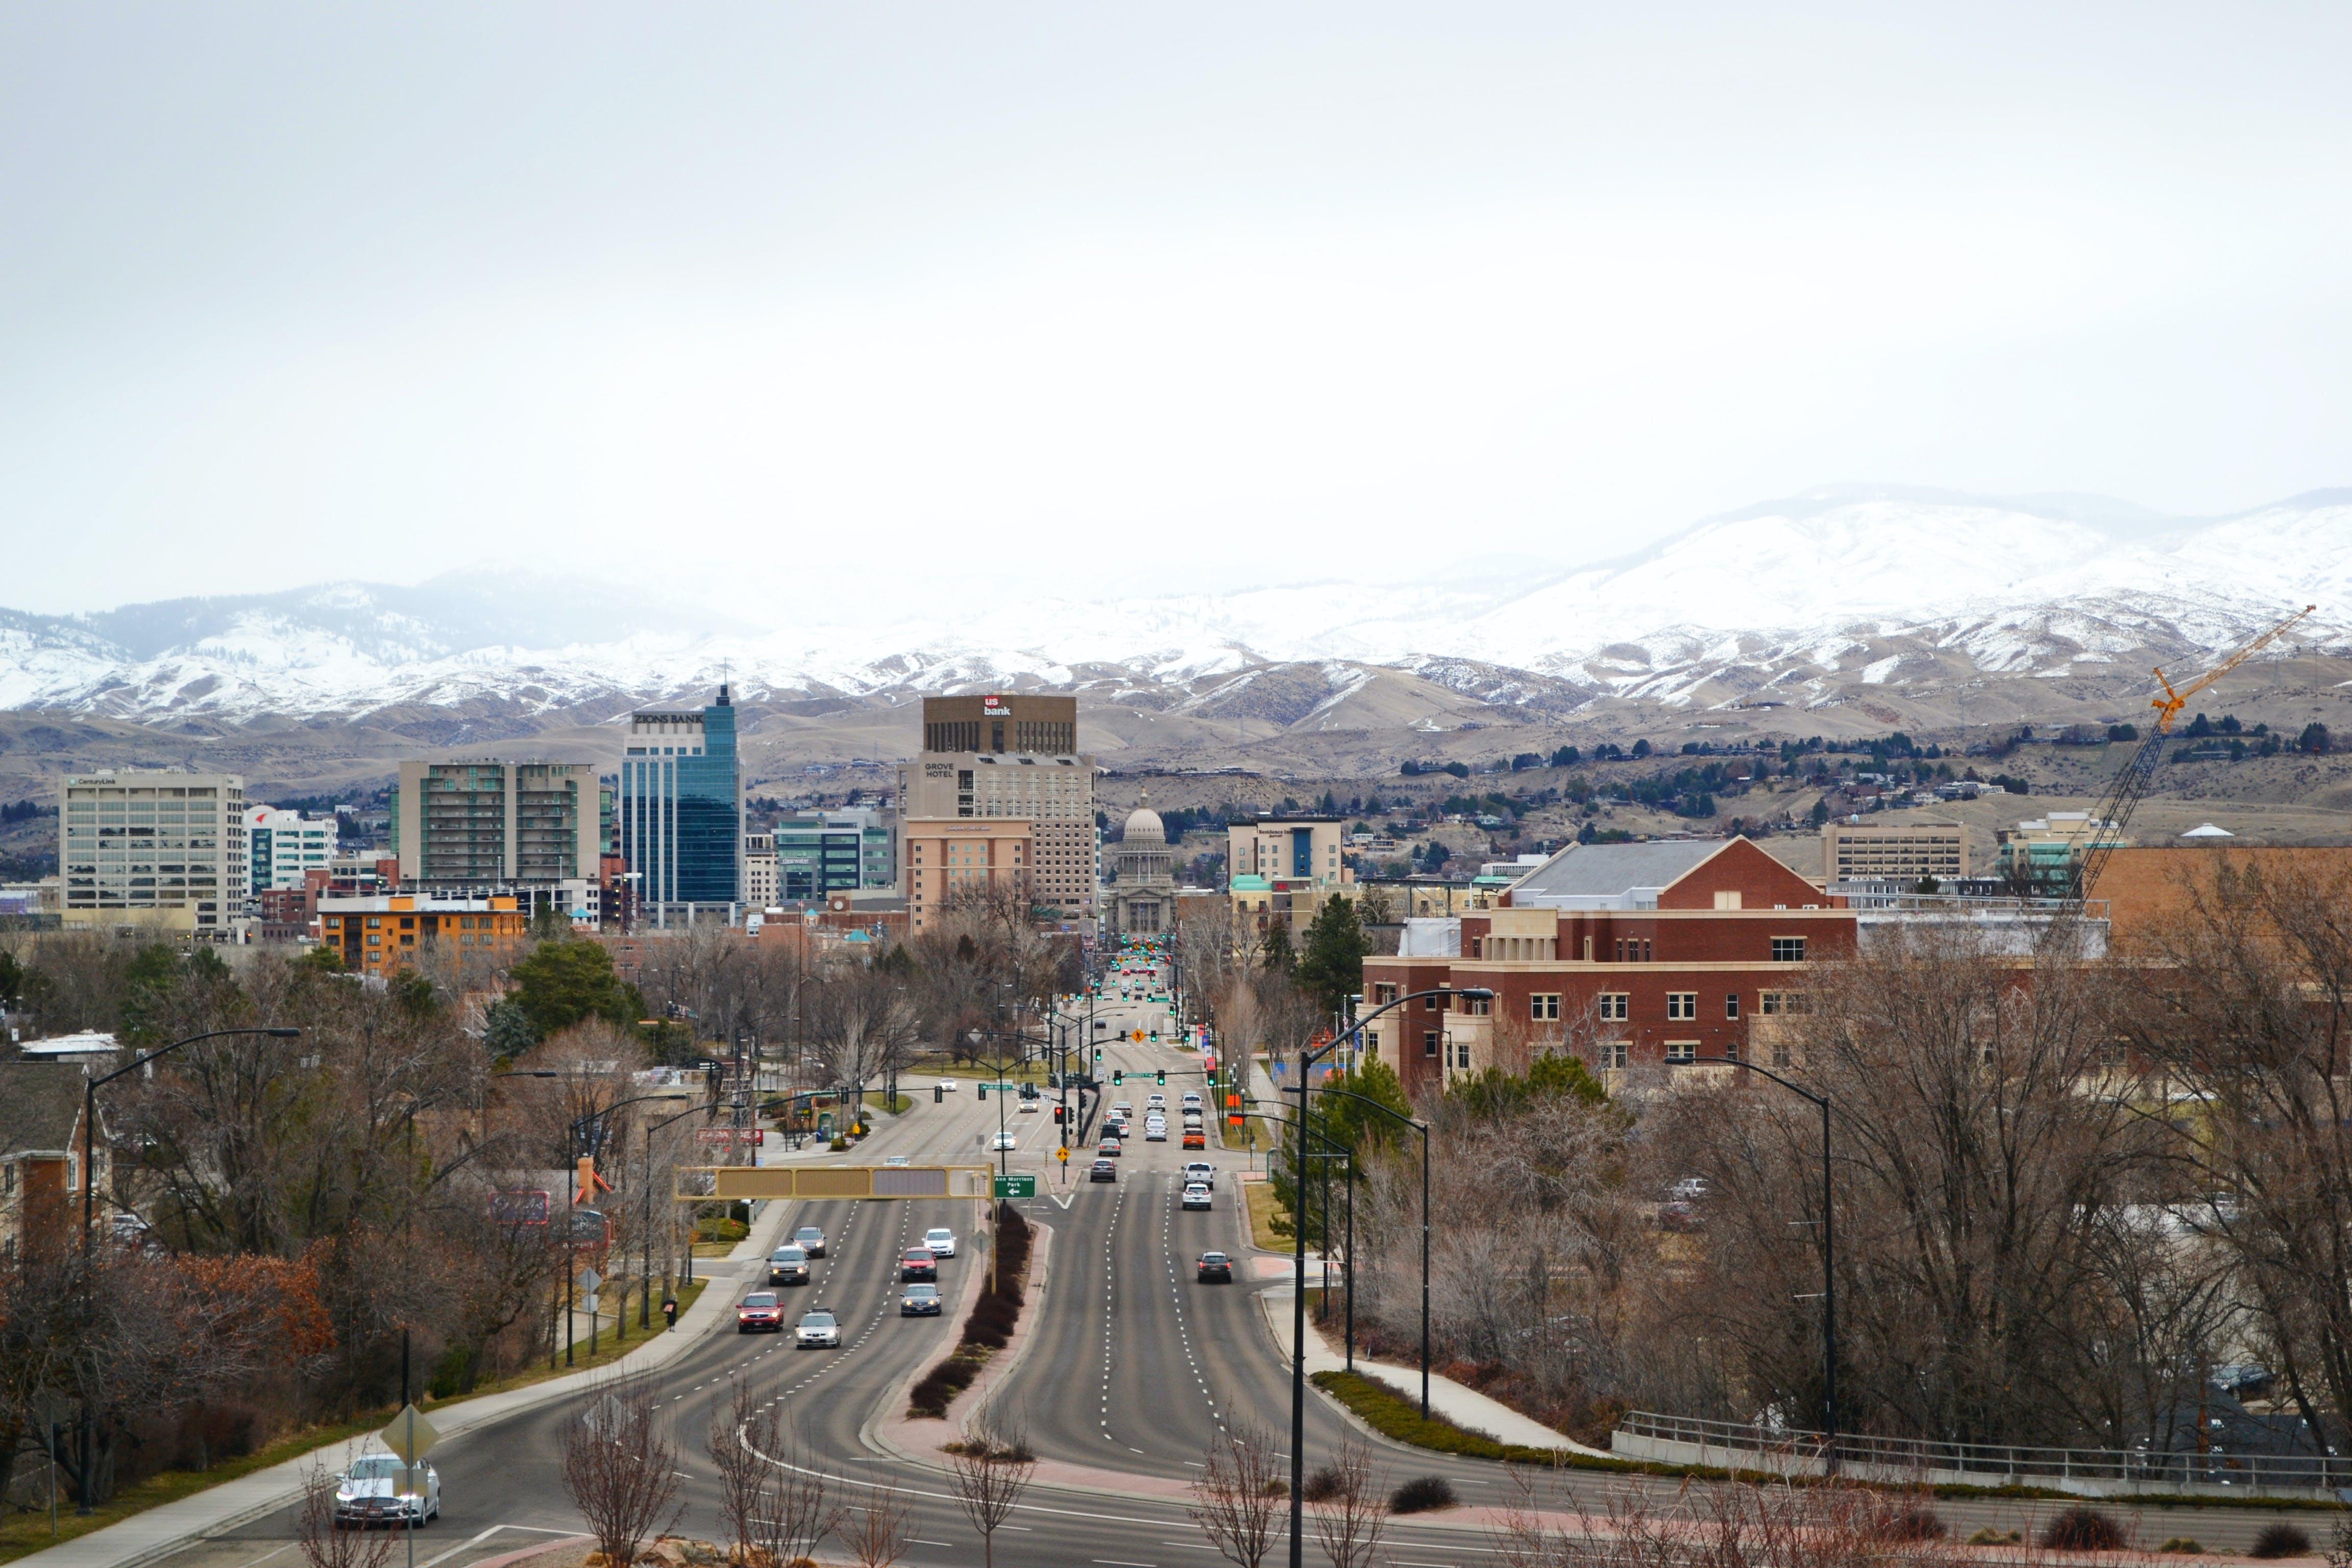 Landscape View of City